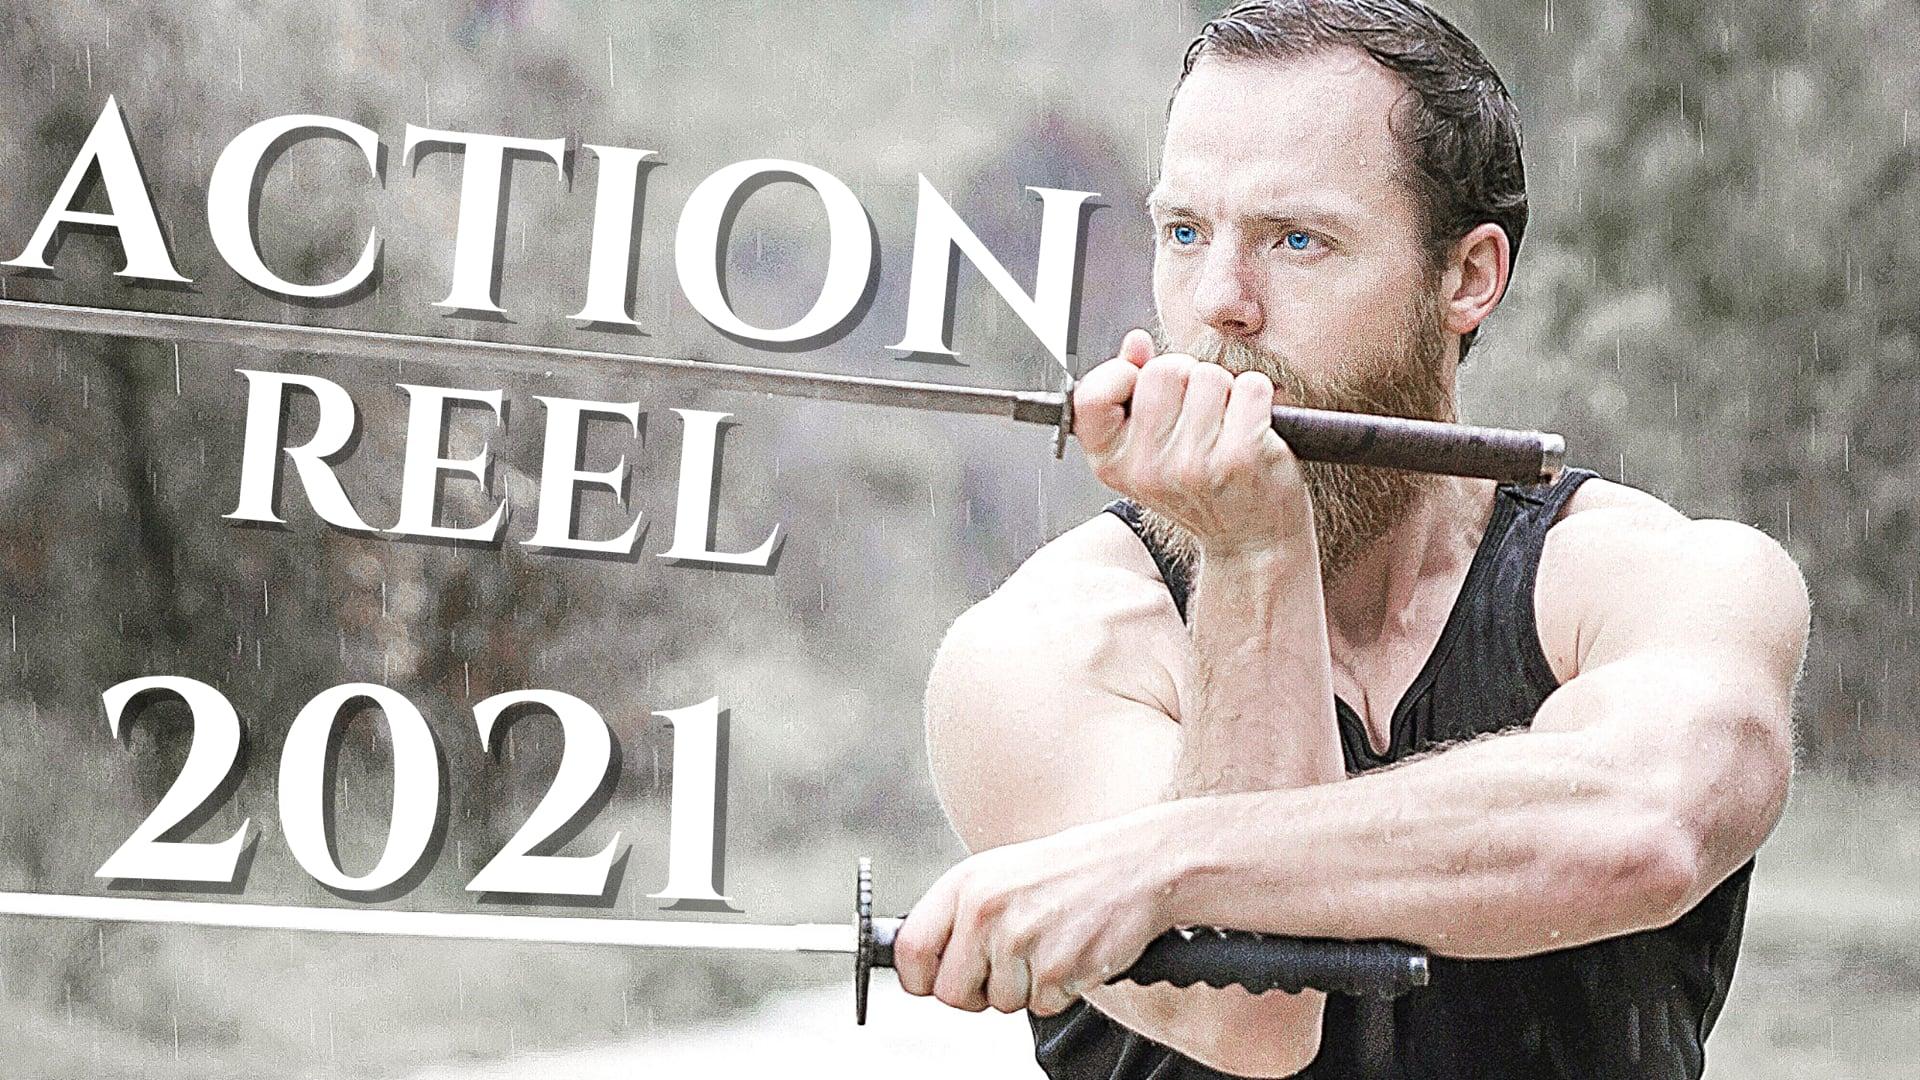 Action Reel 2021 - Aramis Merlin